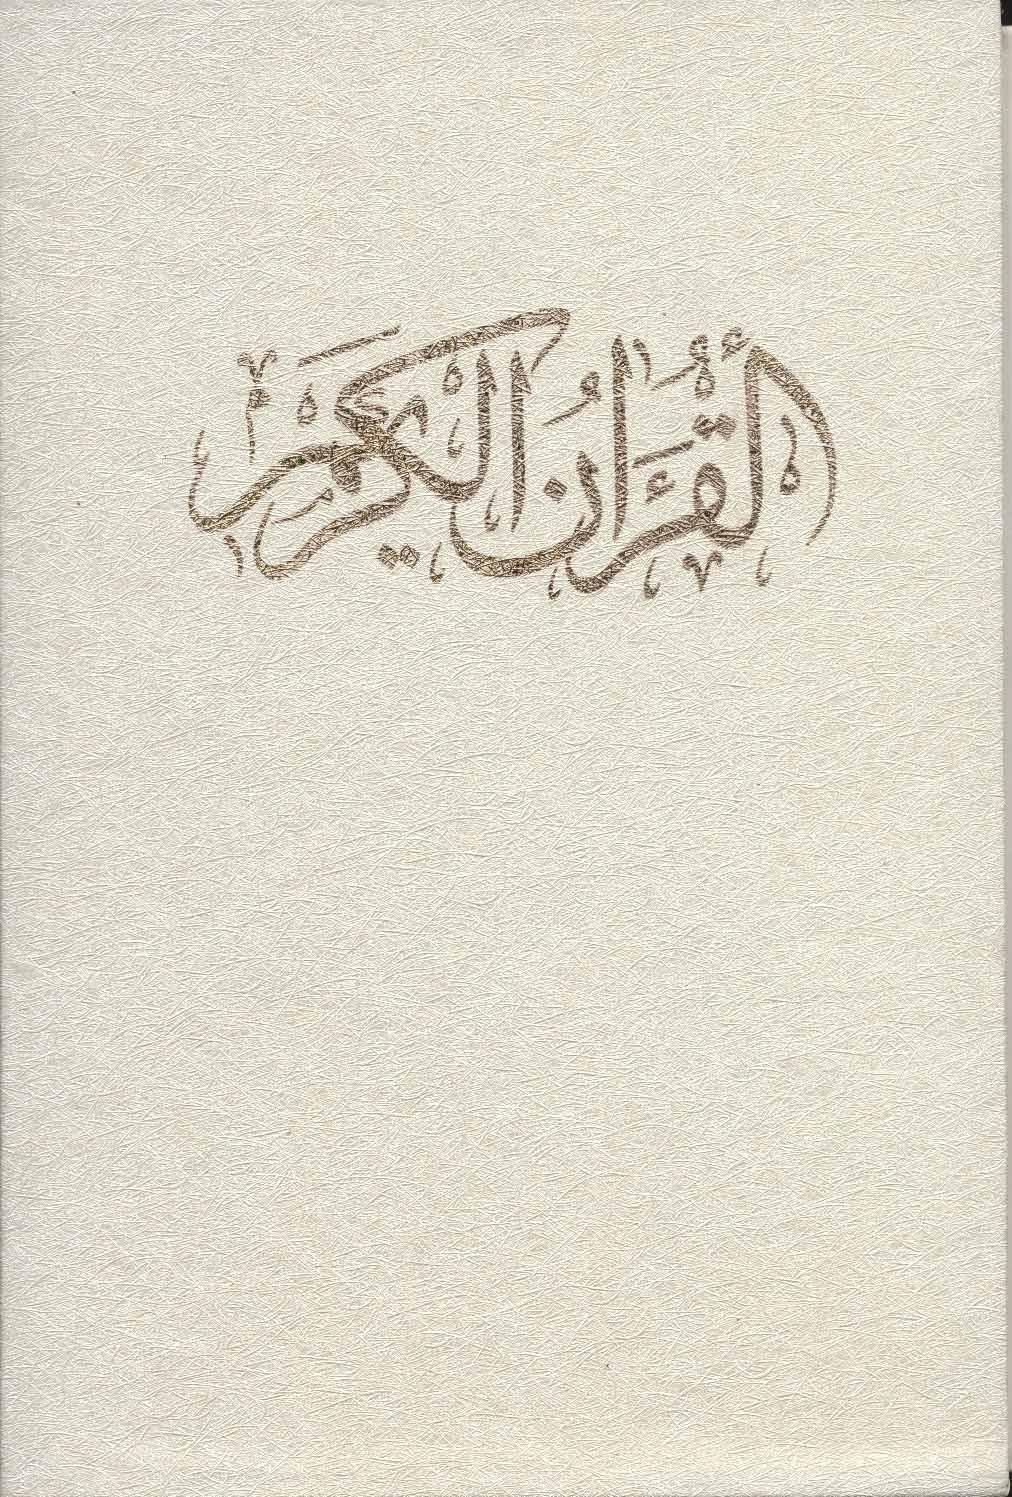 کتاب قرآن کریم (کلام الله مجید) گلاسه